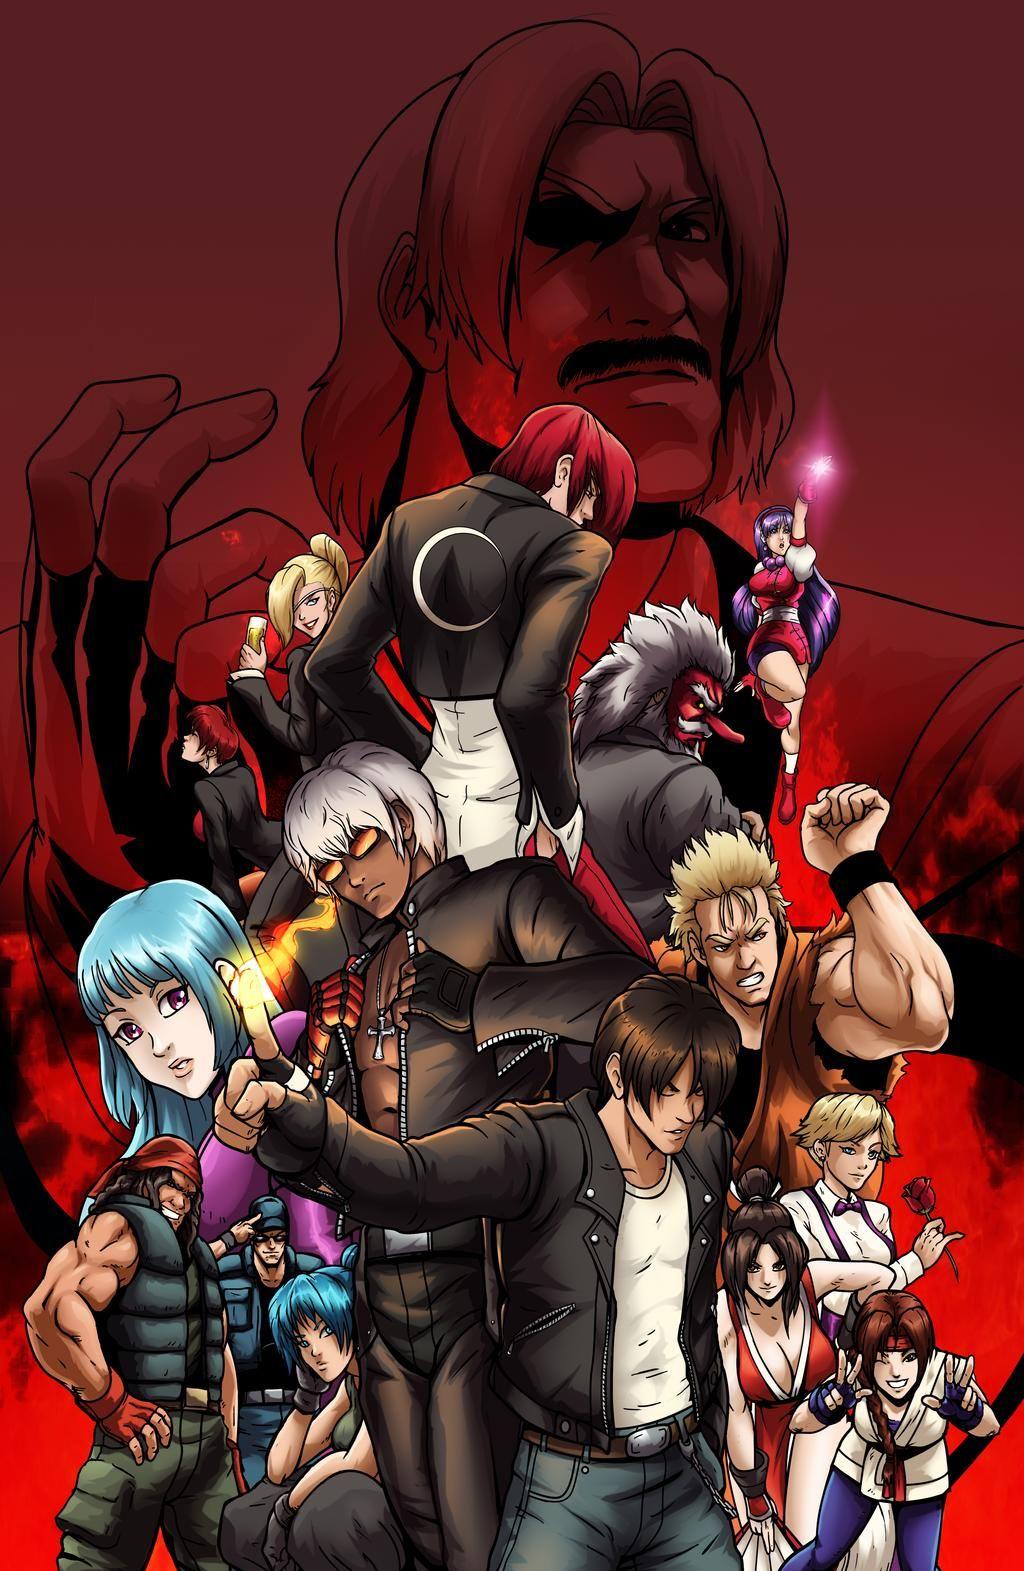 Kof Poster By Joe Sketch On Deviantart In 2020 King Of Fighters Ryu Street Fighter Street Fighter Art